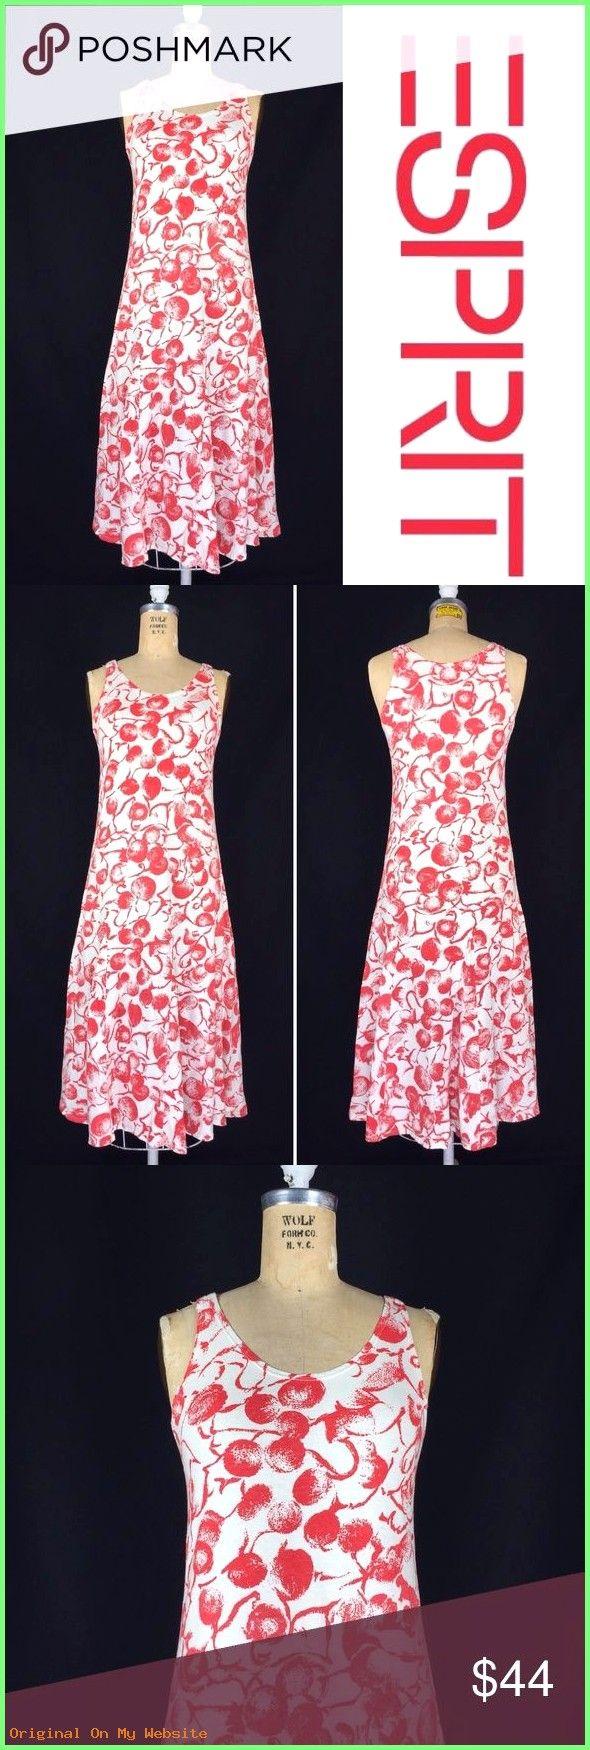 Sommerkleider 2019: 80's Esprit Cherry Print Cotton Jersey ...